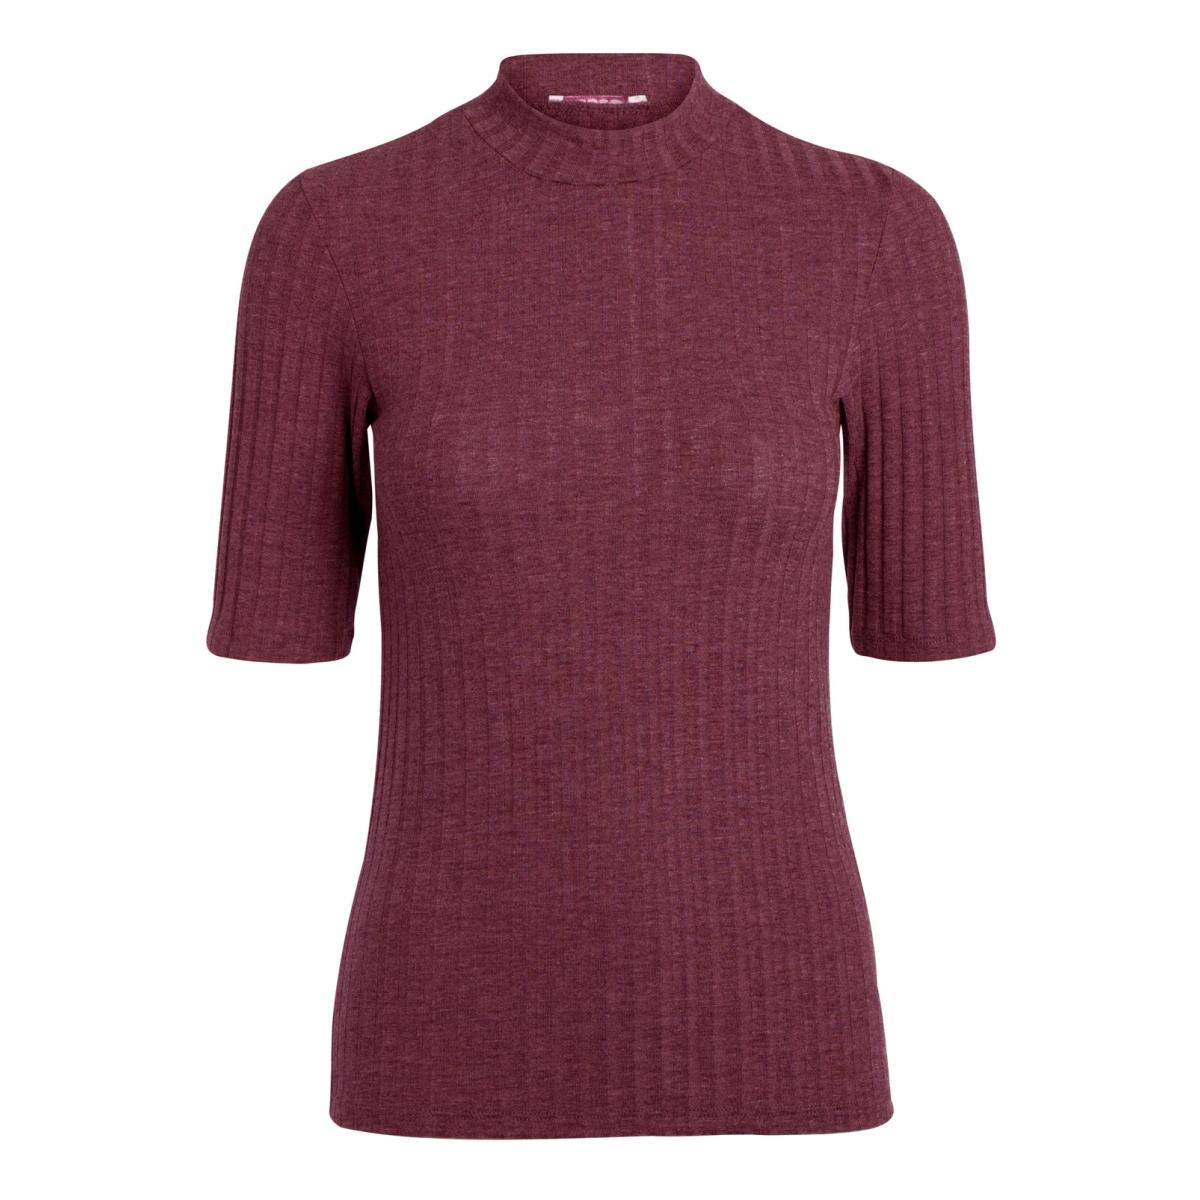 pcamy 2/4 turtleneck top noos 17079709 pieces t-shirt port royale